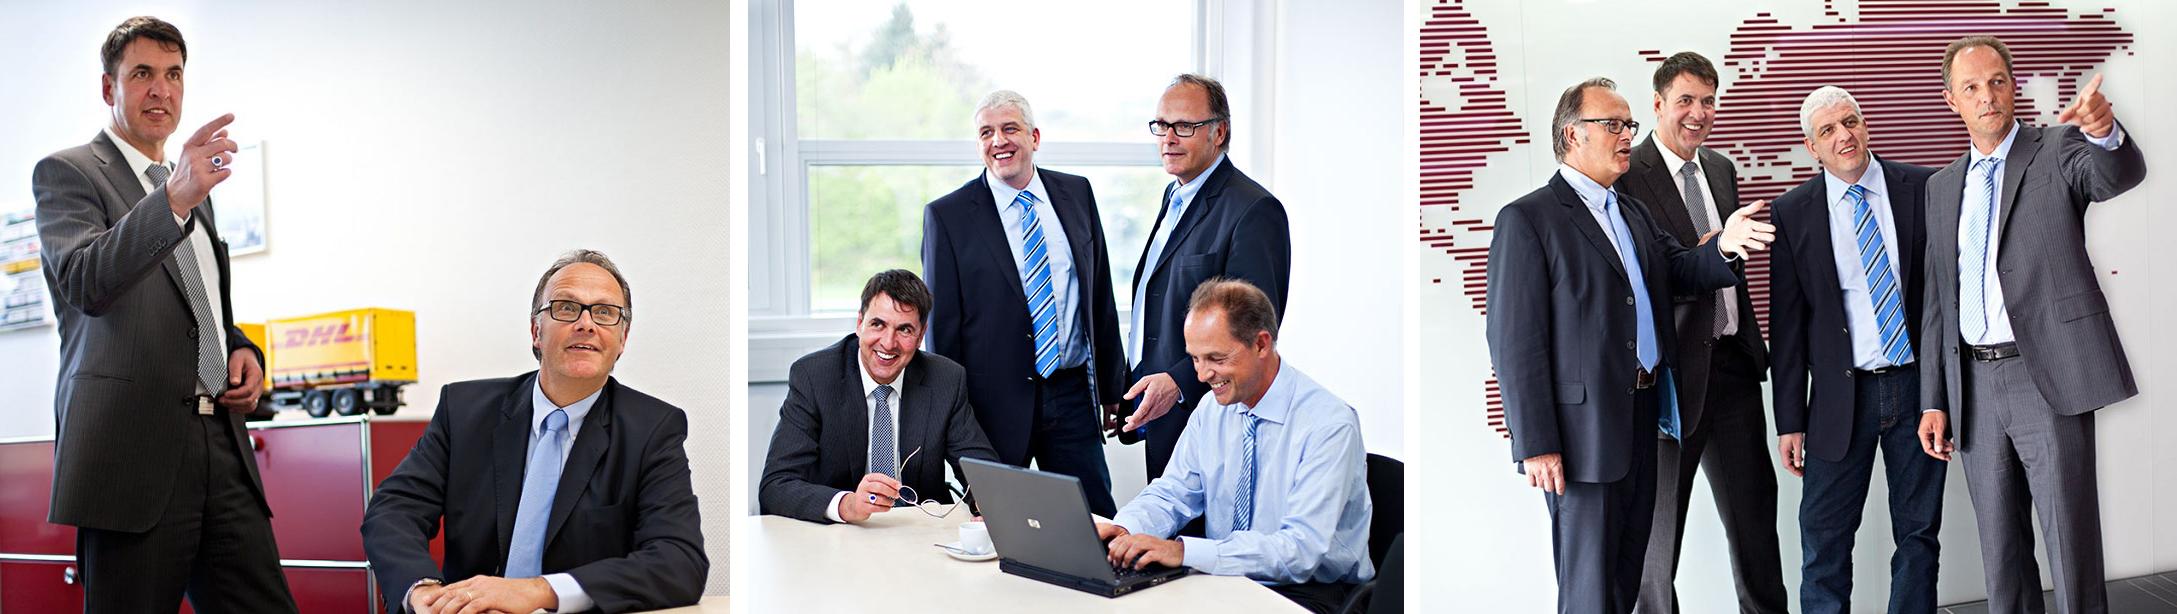 Business Fotograf Werbefotos